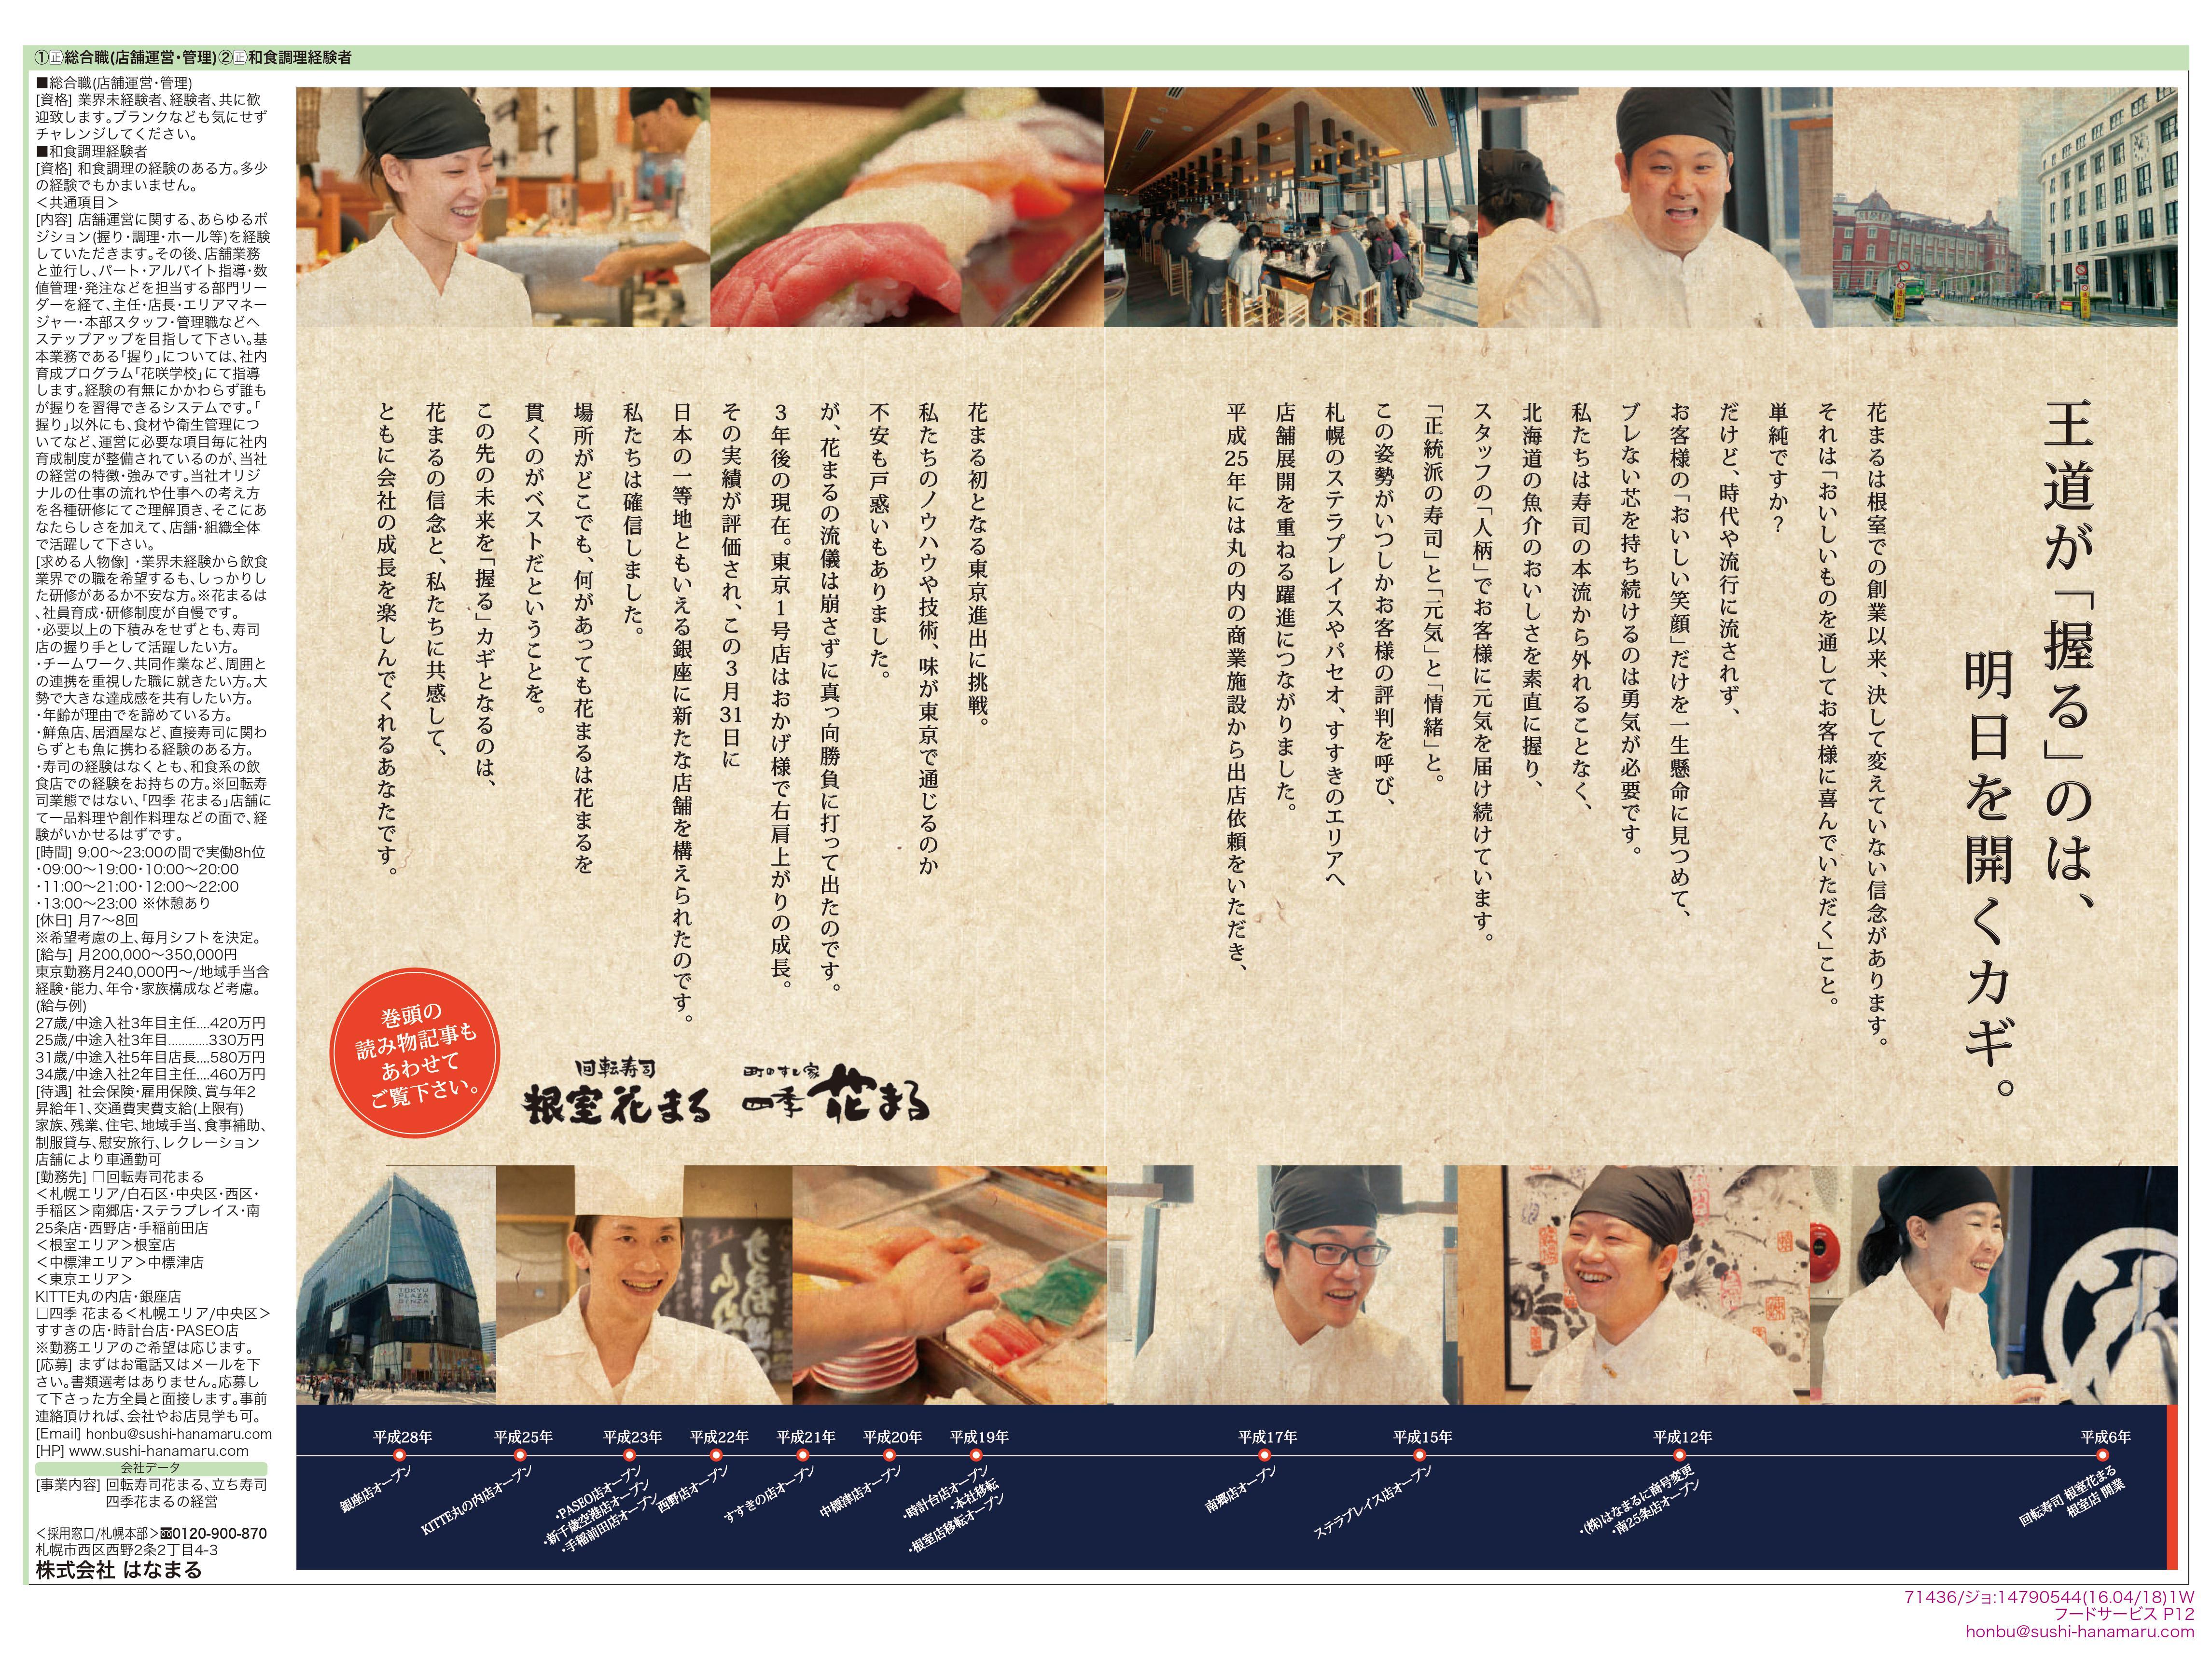 http://hanamaru.wsabc.jp/career-news/%E3%82%B8%E3%83%A7%E3%83%96%E3%82%AD%E3%82%BF%E5%8E%9F%E7%A8%BF.jpg